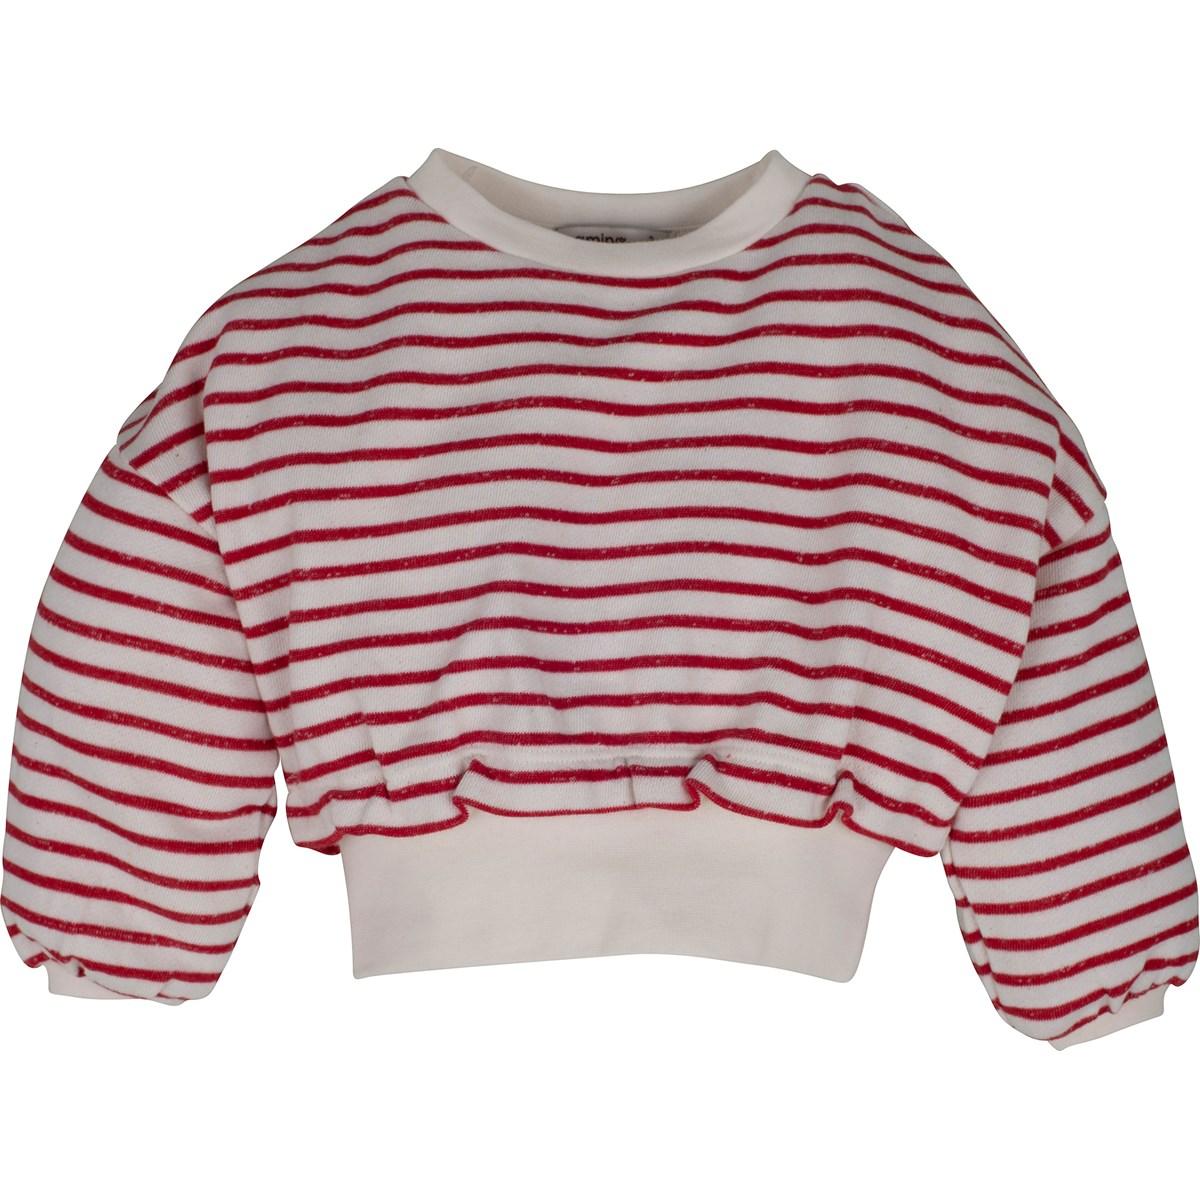 14176 Sweatshirt 1